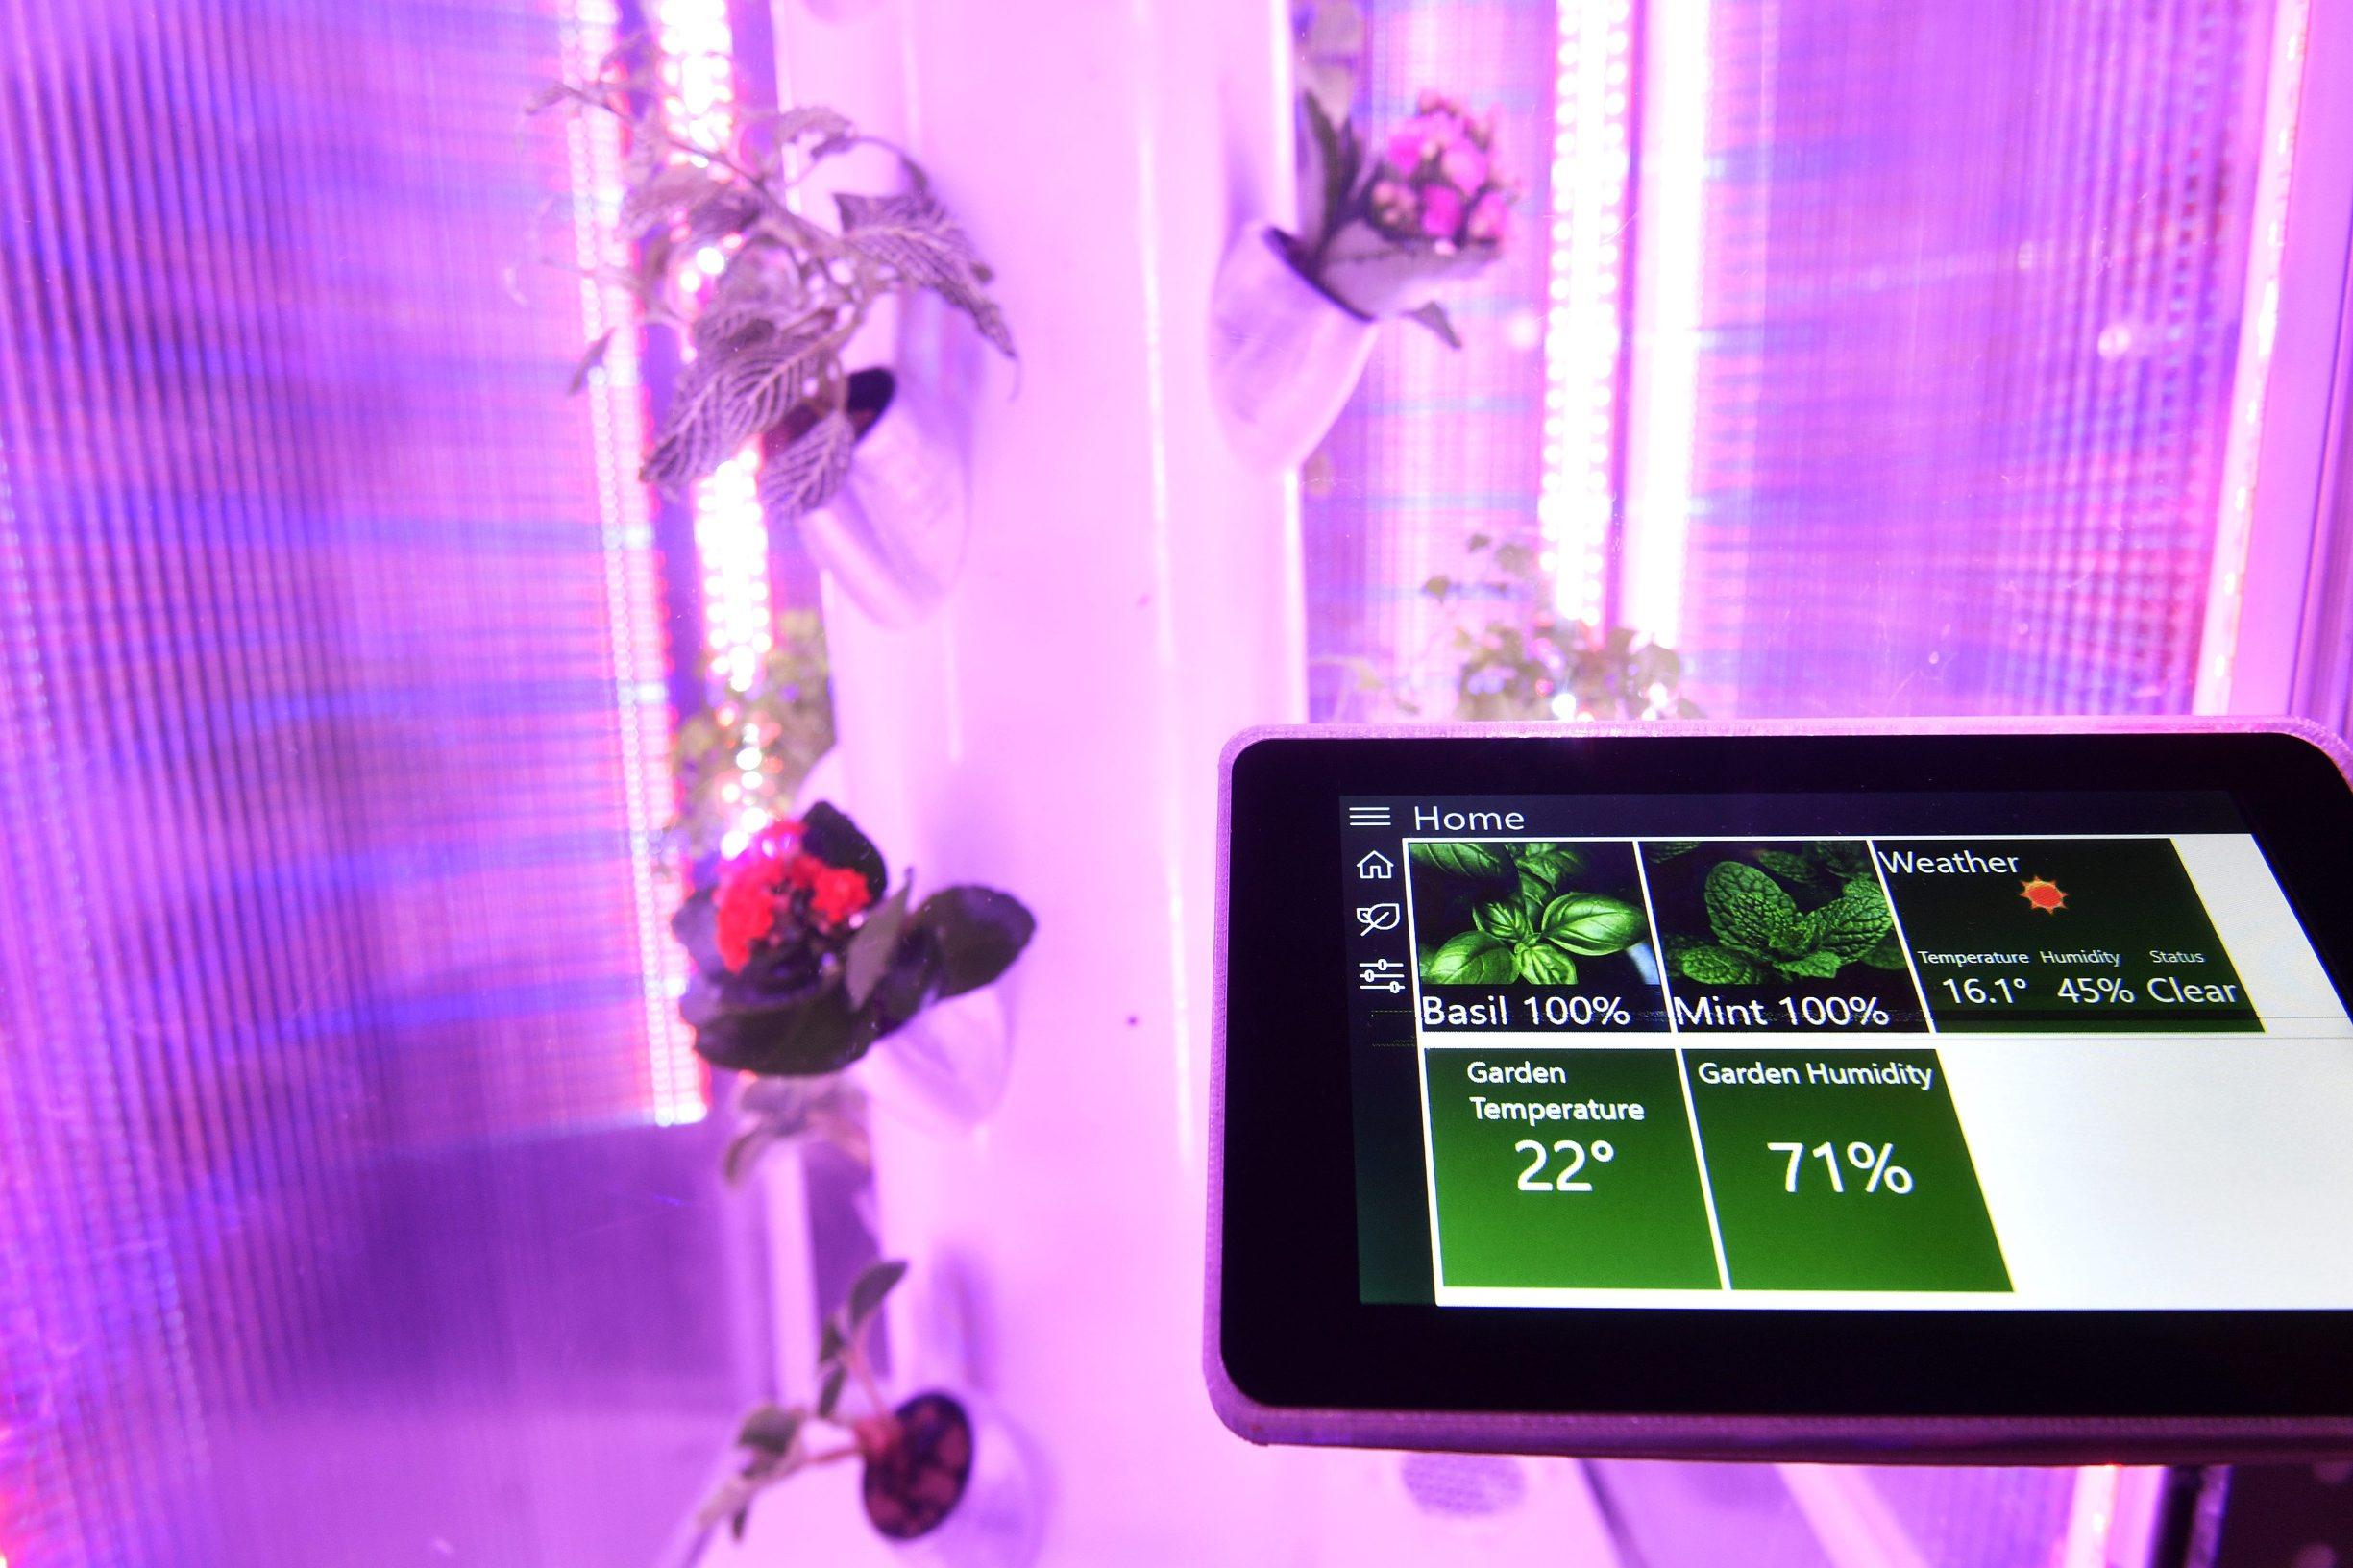 Zagreb, 250319. KSET. Javno predstavljanje najuspjesnijih studentskih inovacija na FER-u kao zavrsnica programa Imagine, Create, Innovate: Smart City kroz koji su ideje uoblicene u prototipove, a zatim i u tehnicke inovacije koje nastavljaju pricu u poslovnom okruzenju kroz patent, EU projektnu prijavu i sajam u Dubaiju. Na fotografiji: projekt Urbani vrt. Foto: Boris Kovacev / CROPIX